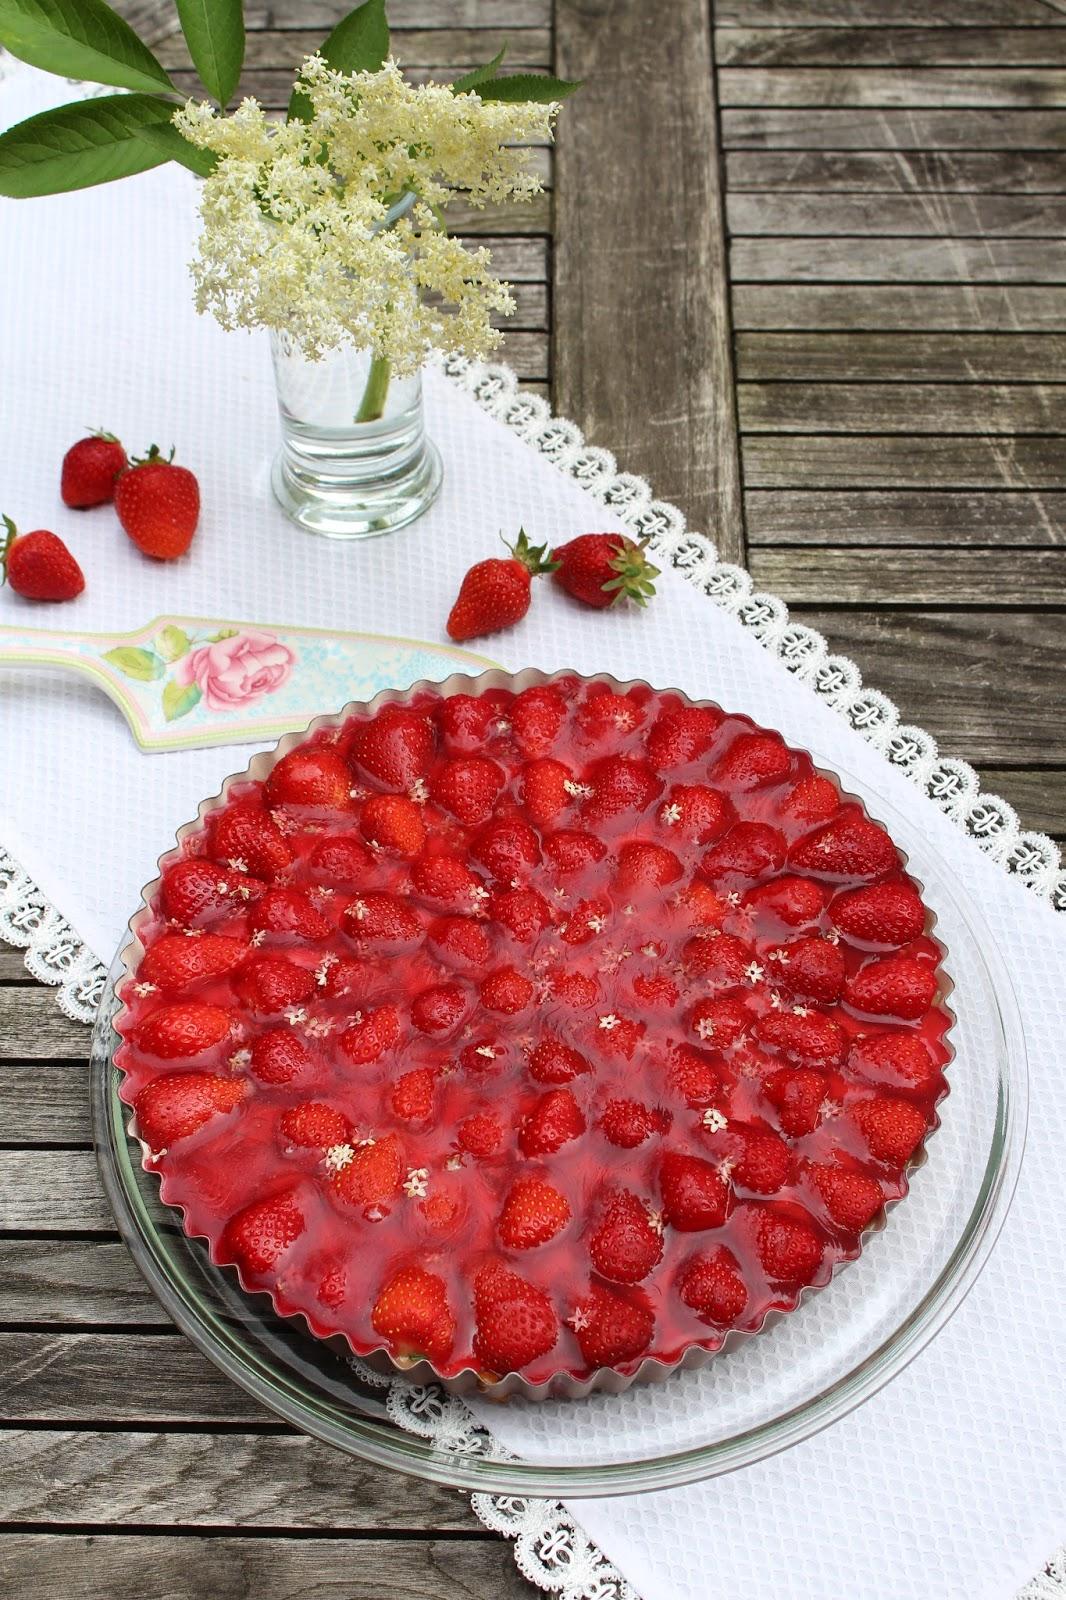 Erdbeertorte mit Basilikum-Pudding und Holunderblütenguss: Calendar of Ingredients im Juni mit Erdbeere, Holunderblüte und Basilikum